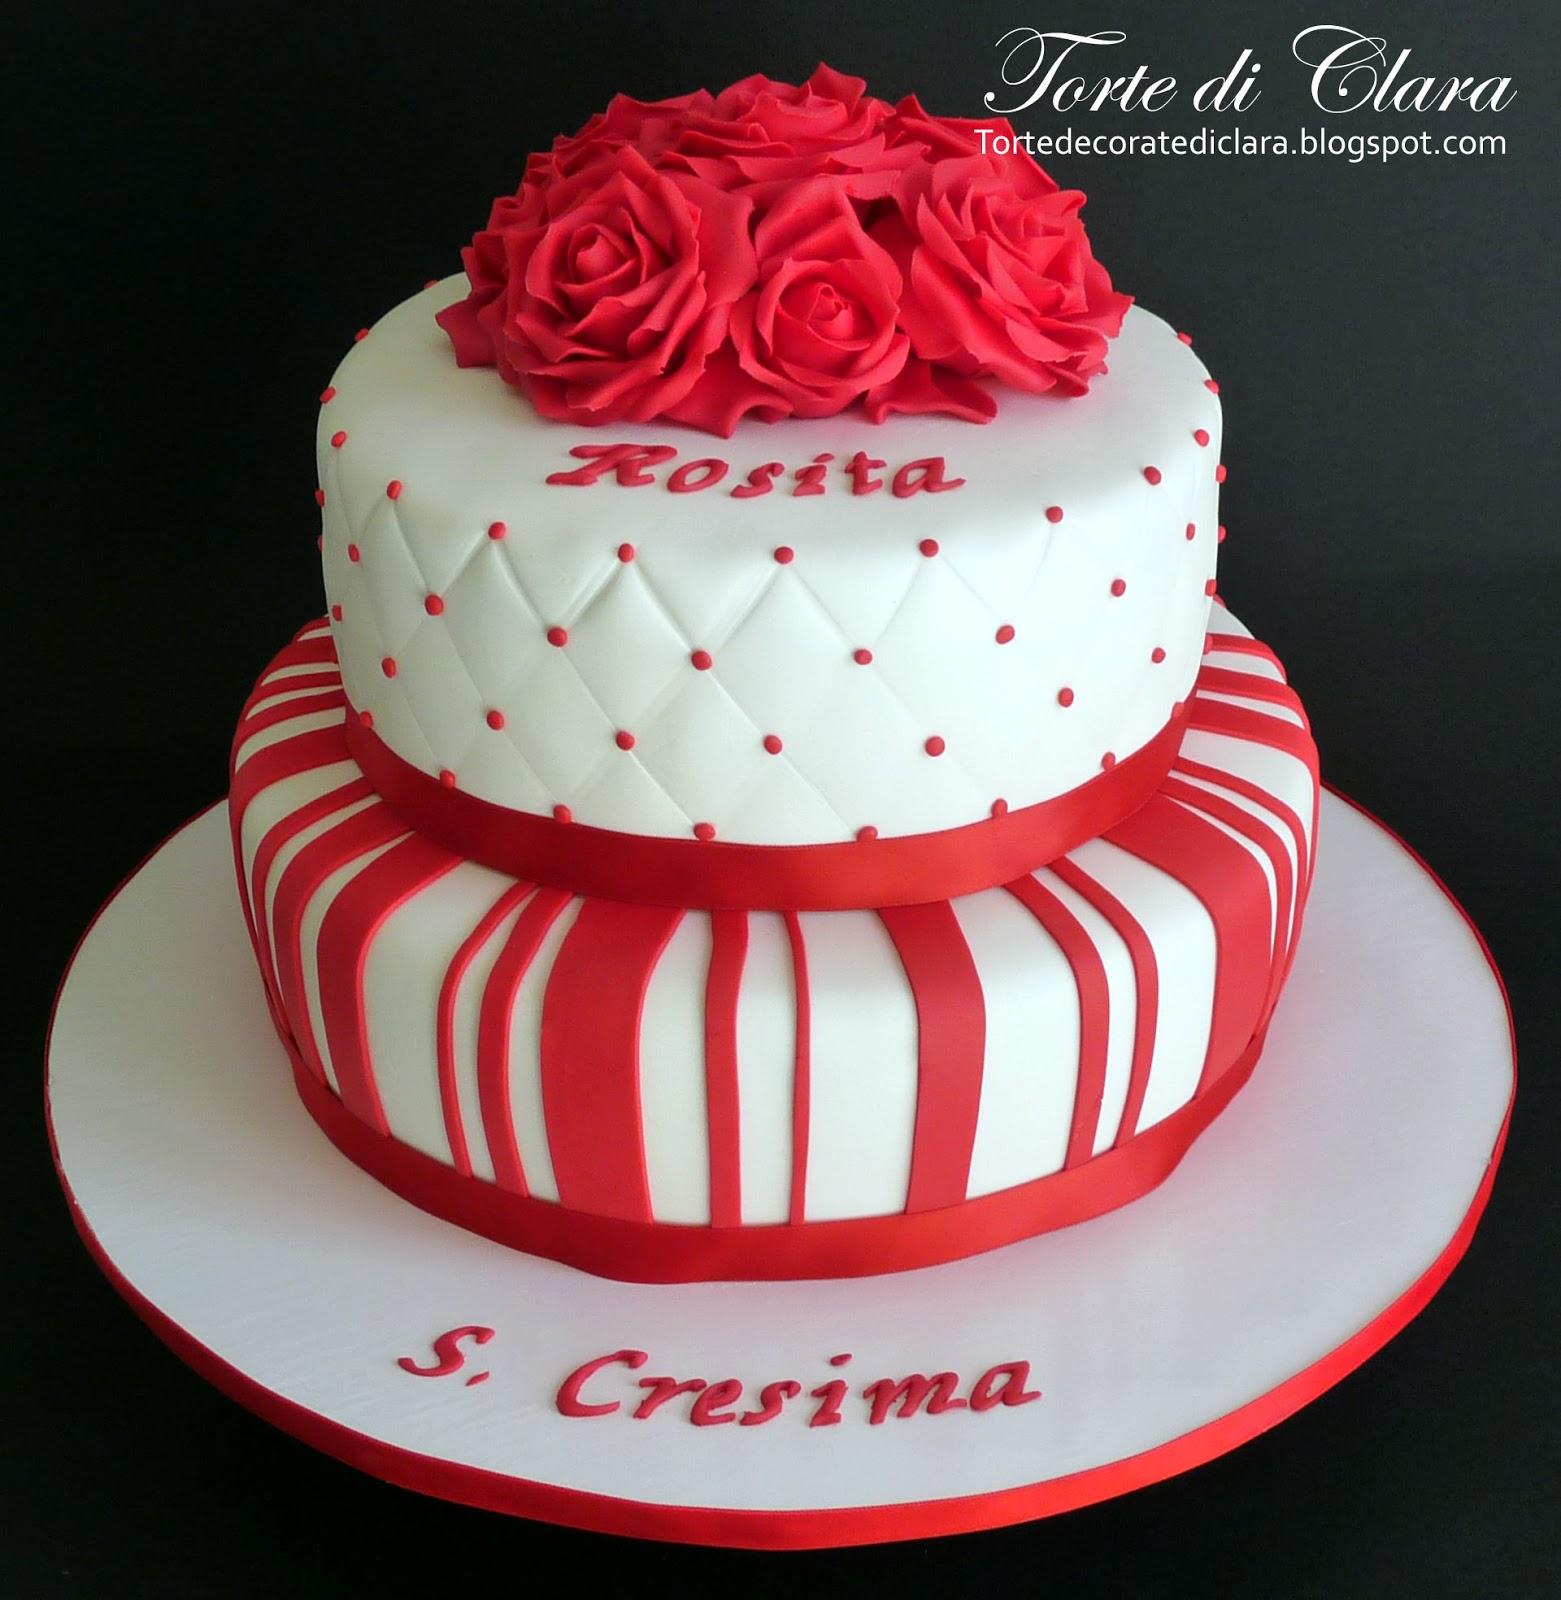 Top Torte di Clara: Torta Cresima TT71